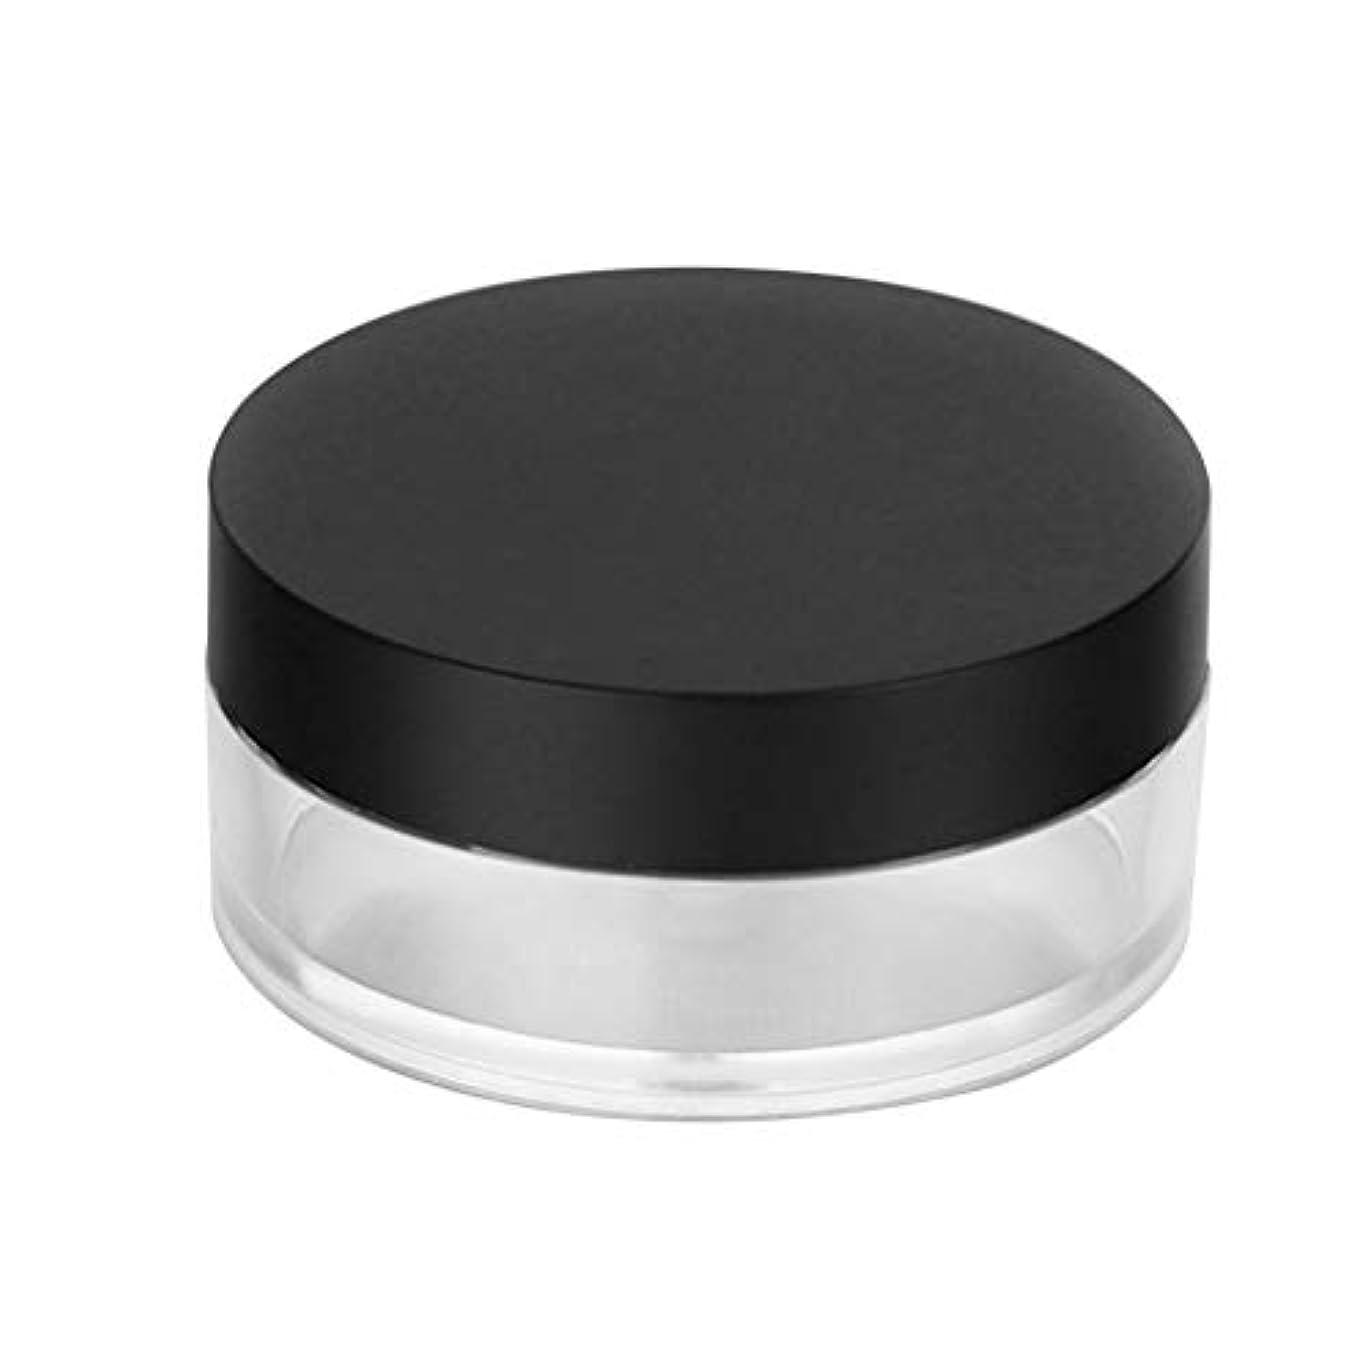 ペンマオリ香水Frcolor パウダーケース パウダー容器 中栓付き 20G 携帯用 手作り 詰替え容器 小分けボトル ミラー付き 2個セット(ブラックフタ)